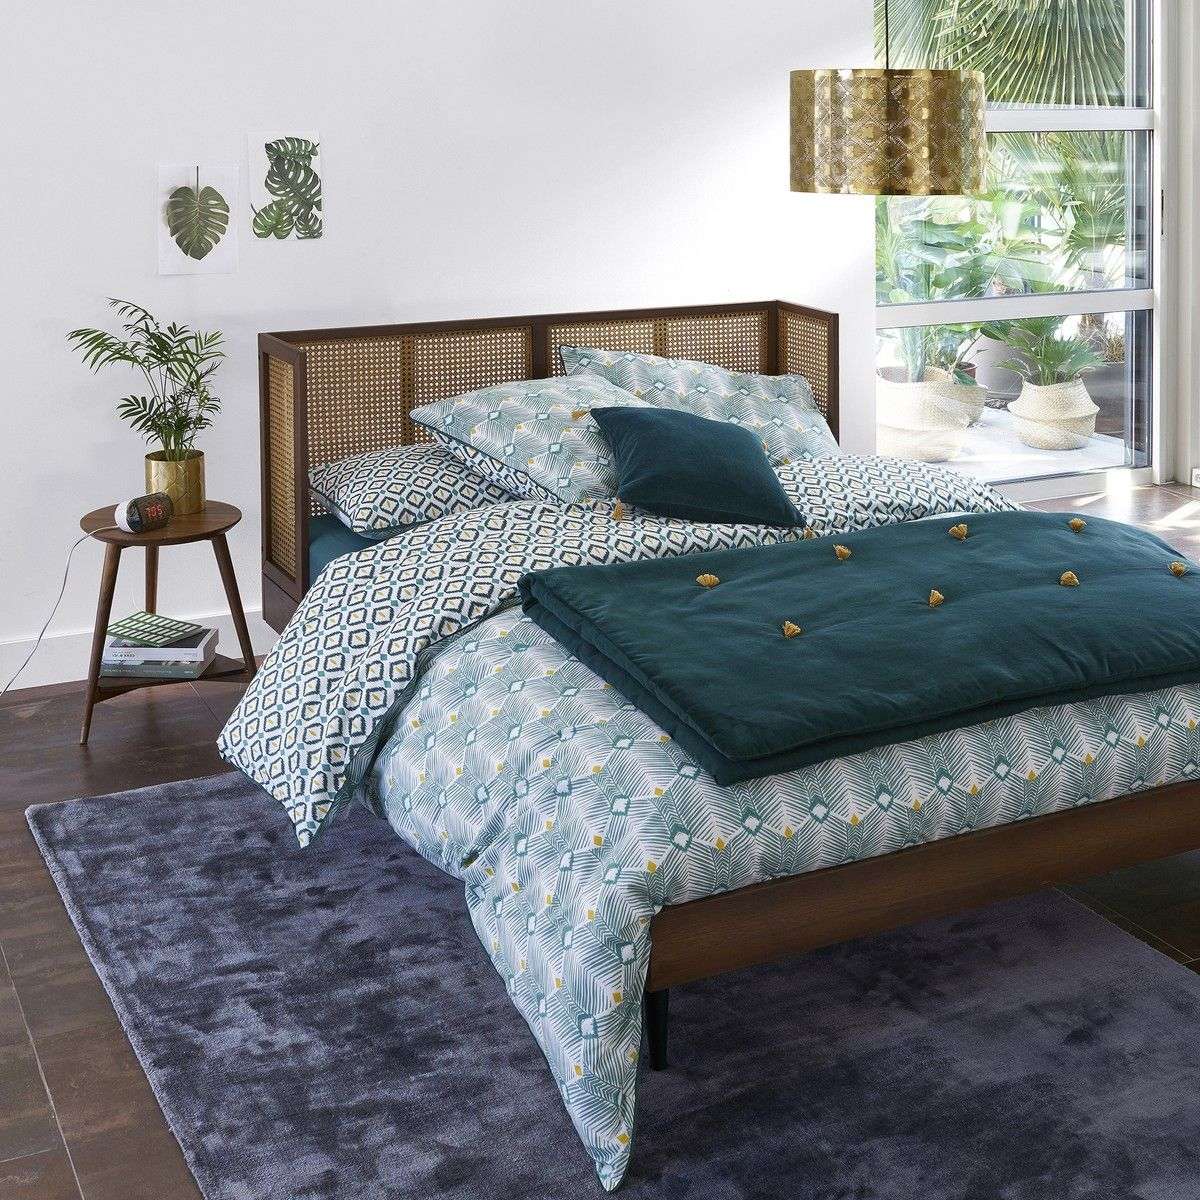 Noya Vintage Bed with Base Vintage bed, Interior design